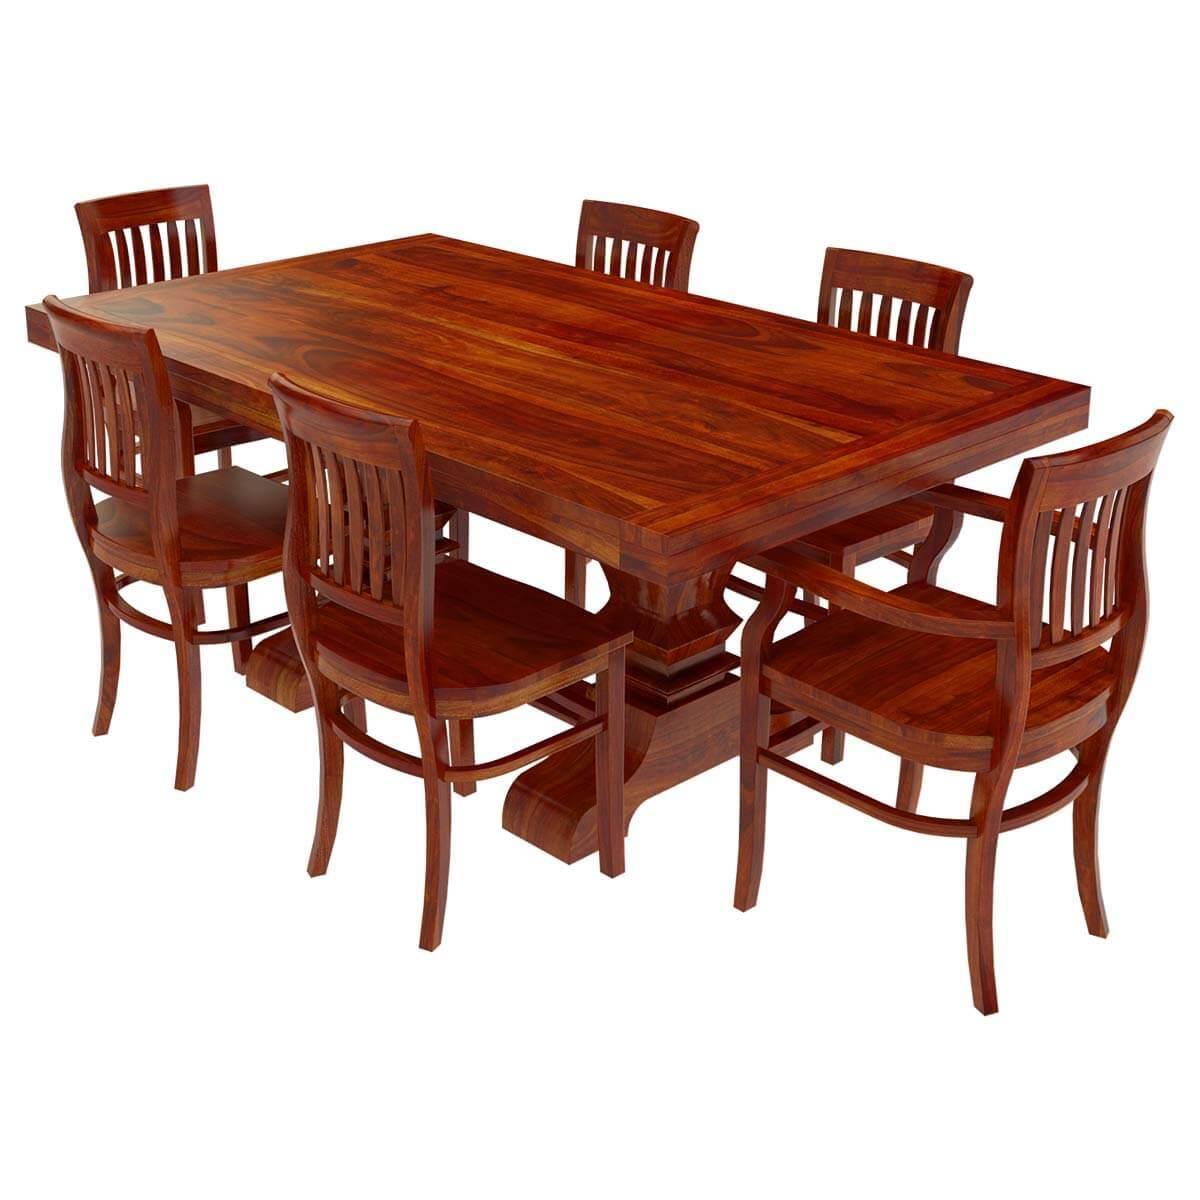 siena solid wood trestle pedestal dining table barrel back chair set. Black Bedroom Furniture Sets. Home Design Ideas